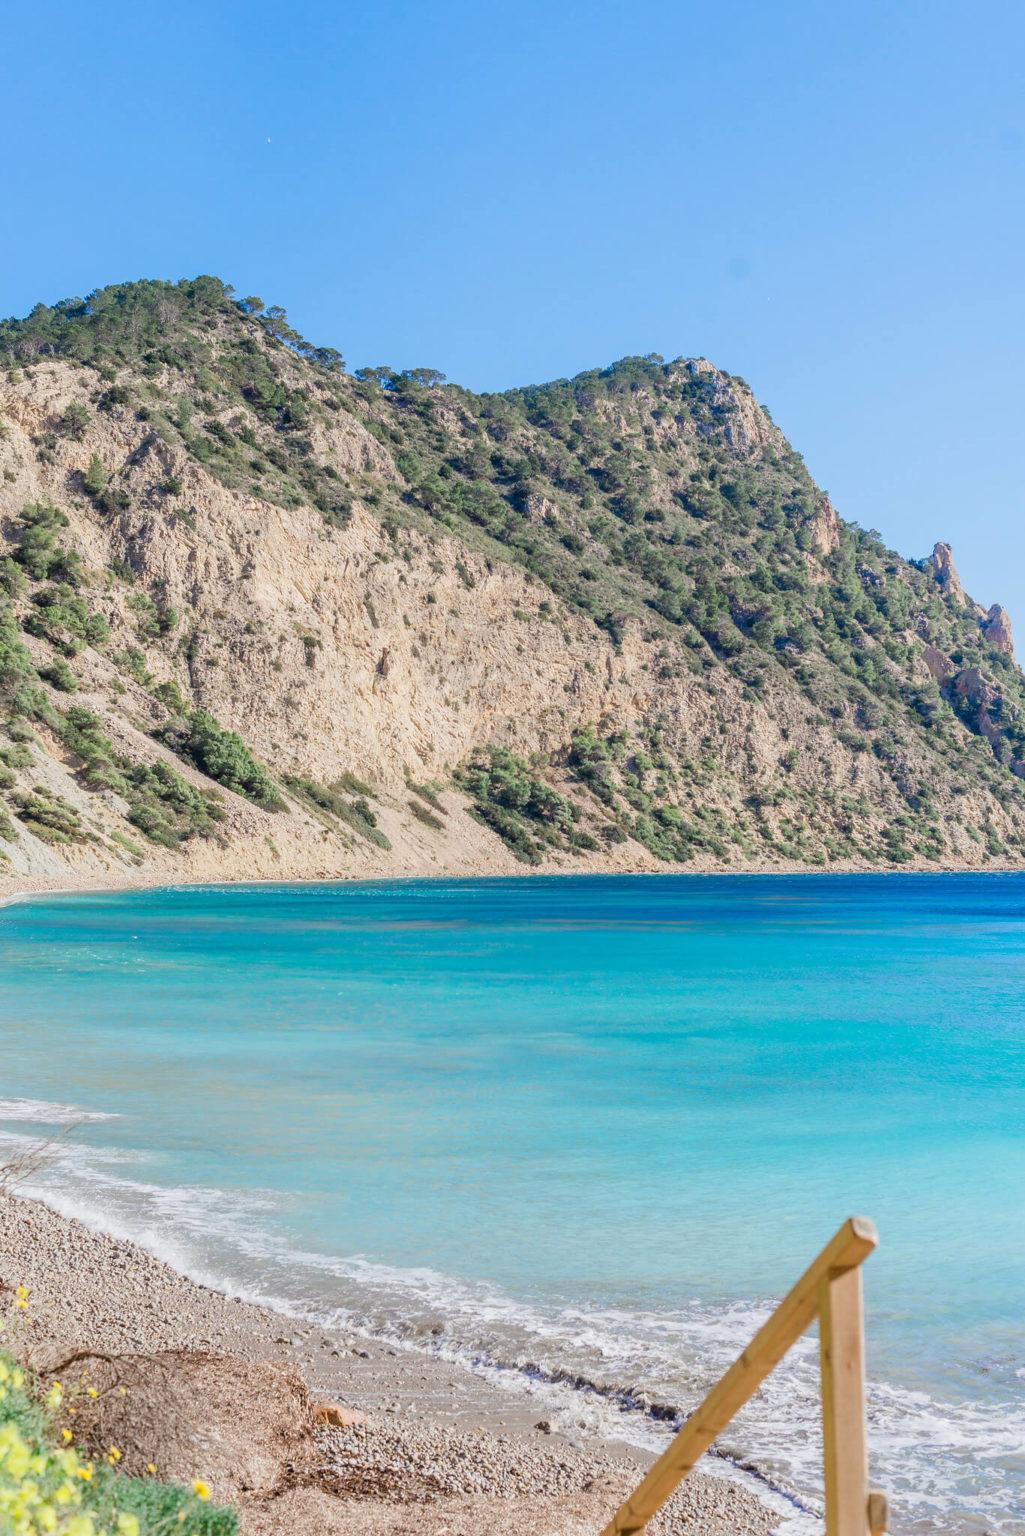 https://www.white-ibiza.com/wp-content/uploads/2020/03/ibiza-beaches-sol-den-serra-06-1025x1536.jpg